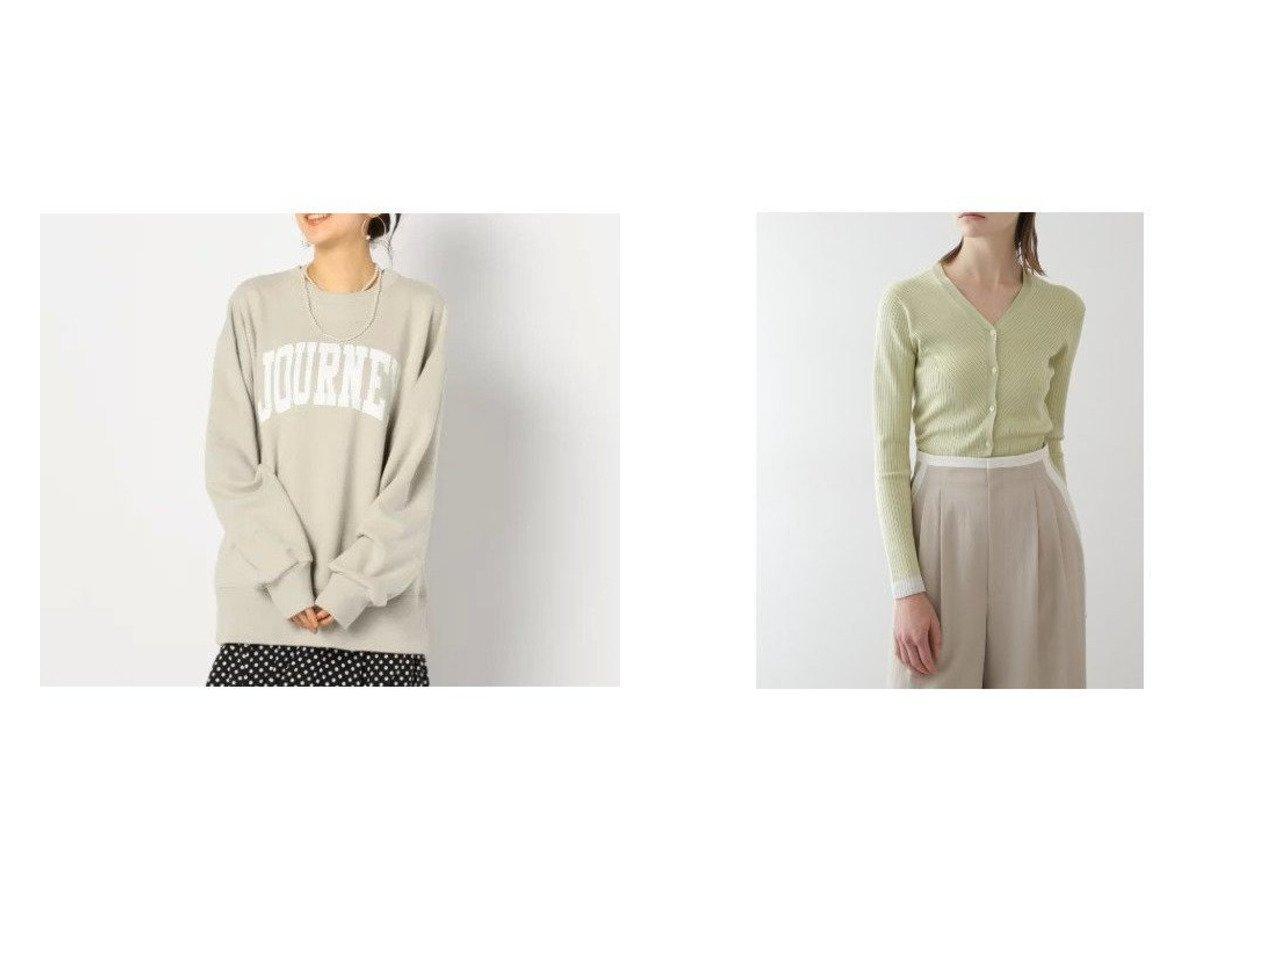 【Rie Miller/リエミラー】の裏毛スウェットシャツ&【BOSCH/ボッシュ】のシルクストレッチリブニットカーディガン トップス・カットソーのおすすめ!人気、トレンド・レディースファッションの通販 おすすめで人気の流行・トレンド、ファッションの通販商品 メンズファッション・キッズファッション・インテリア・家具・レディースファッション・服の通販 founy(ファニー) https://founy.com/ ファッション Fashion レディースファッション WOMEN トップス Tops Tshirt シャツ/ブラウス Shirts Blouses パーカ Sweats スウェット Sweat ニット Knit Tops カーディガン Cardigans シンプル スウェット トレンド フロント ボトム メンズ 長袖 カーディガン コンパクト シルク ストレッチ スリム  ID:crp329100000009283